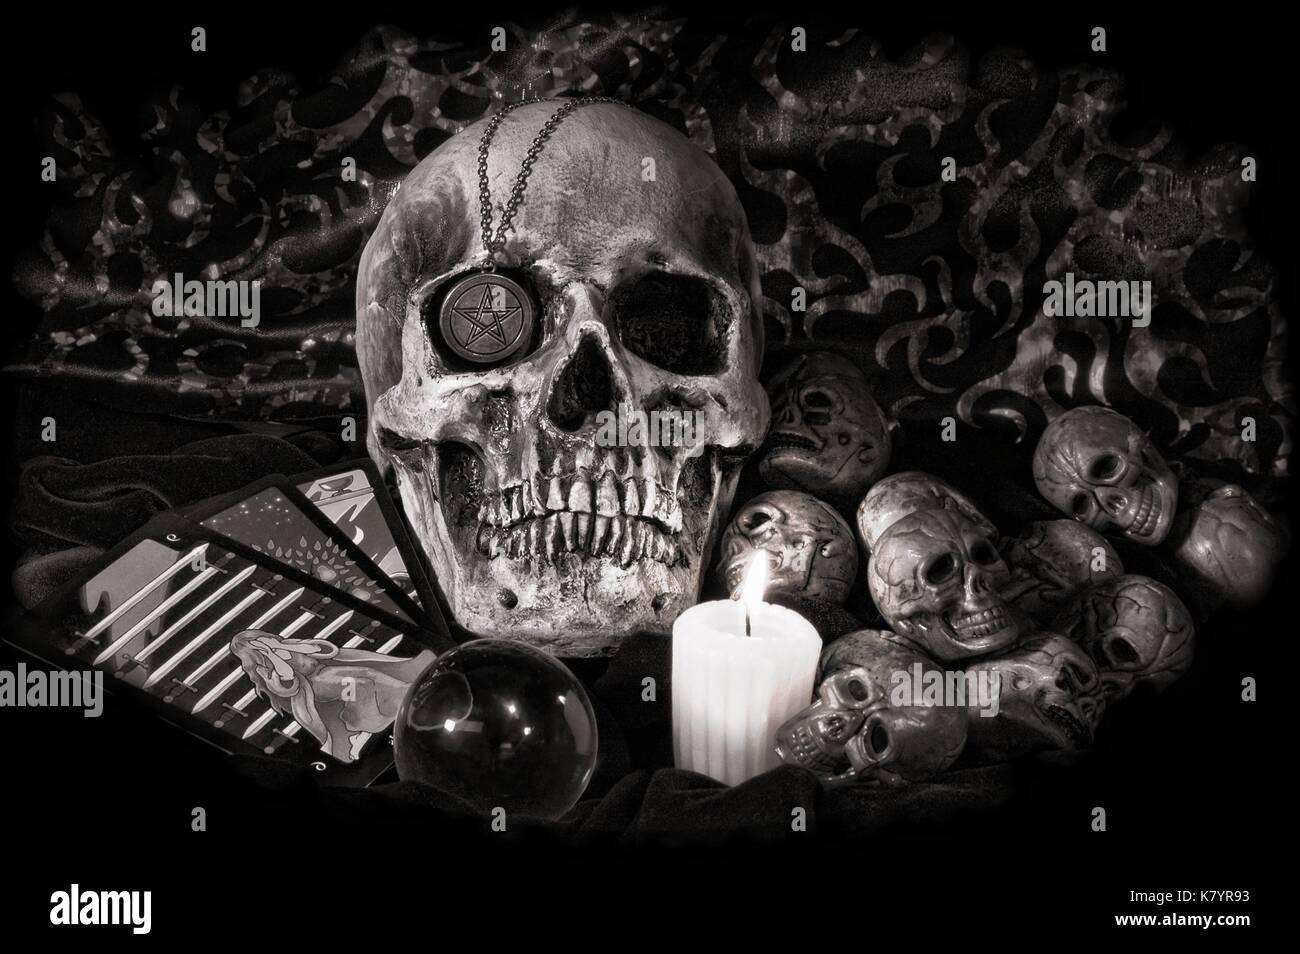 Schädel mit okkulten Utensilien, crystal ball, Tarot Karten, ein silbernes Pentagramm, in retro Schwarz und Weiß Stockbild